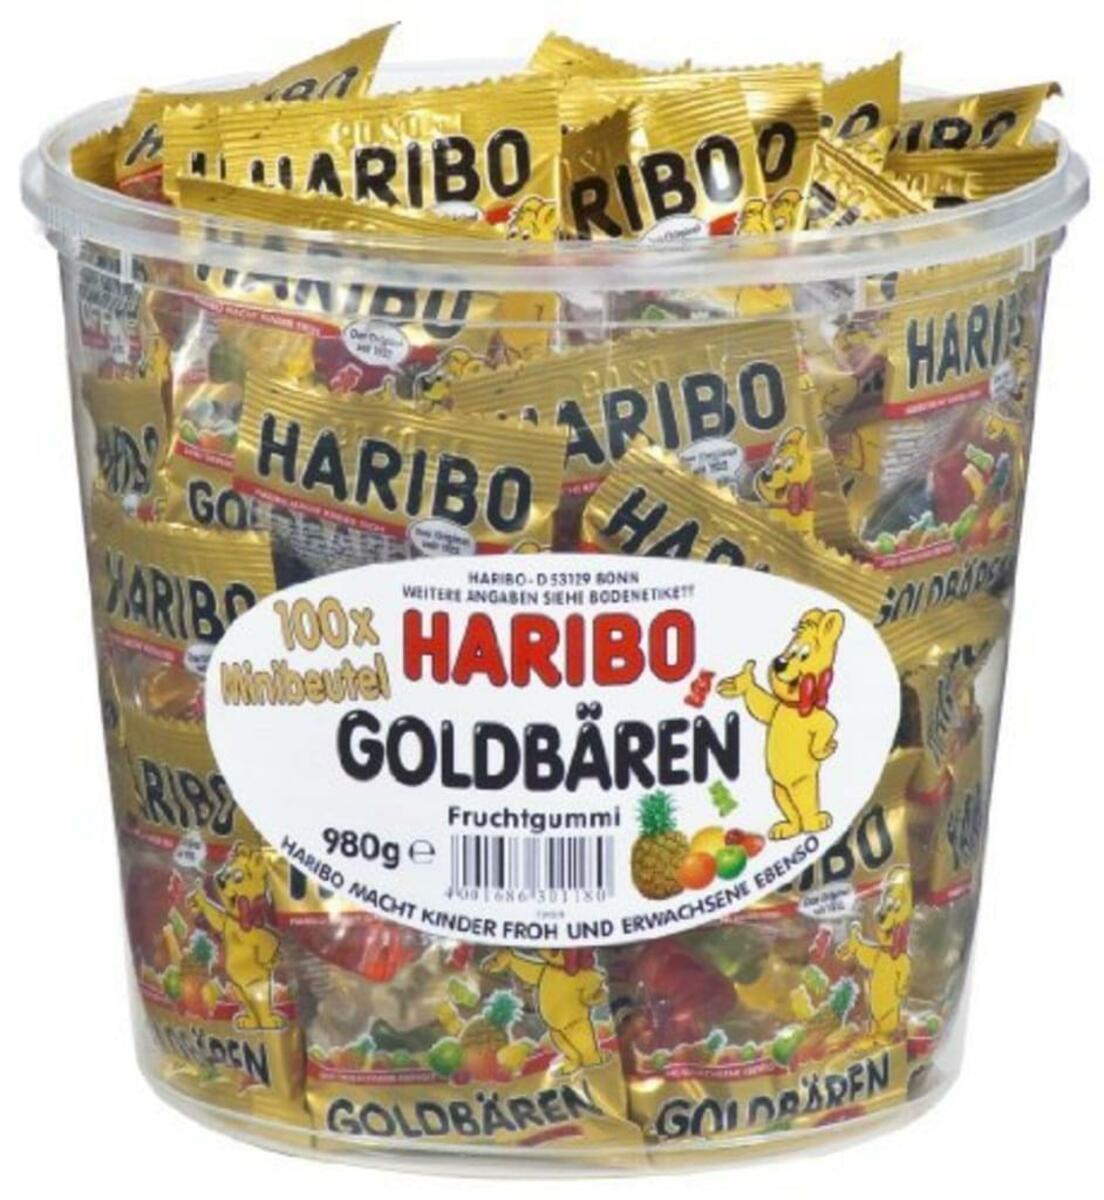 Bild 4 von Haribo Goldbären Mini Beutel in Runddose, 980g